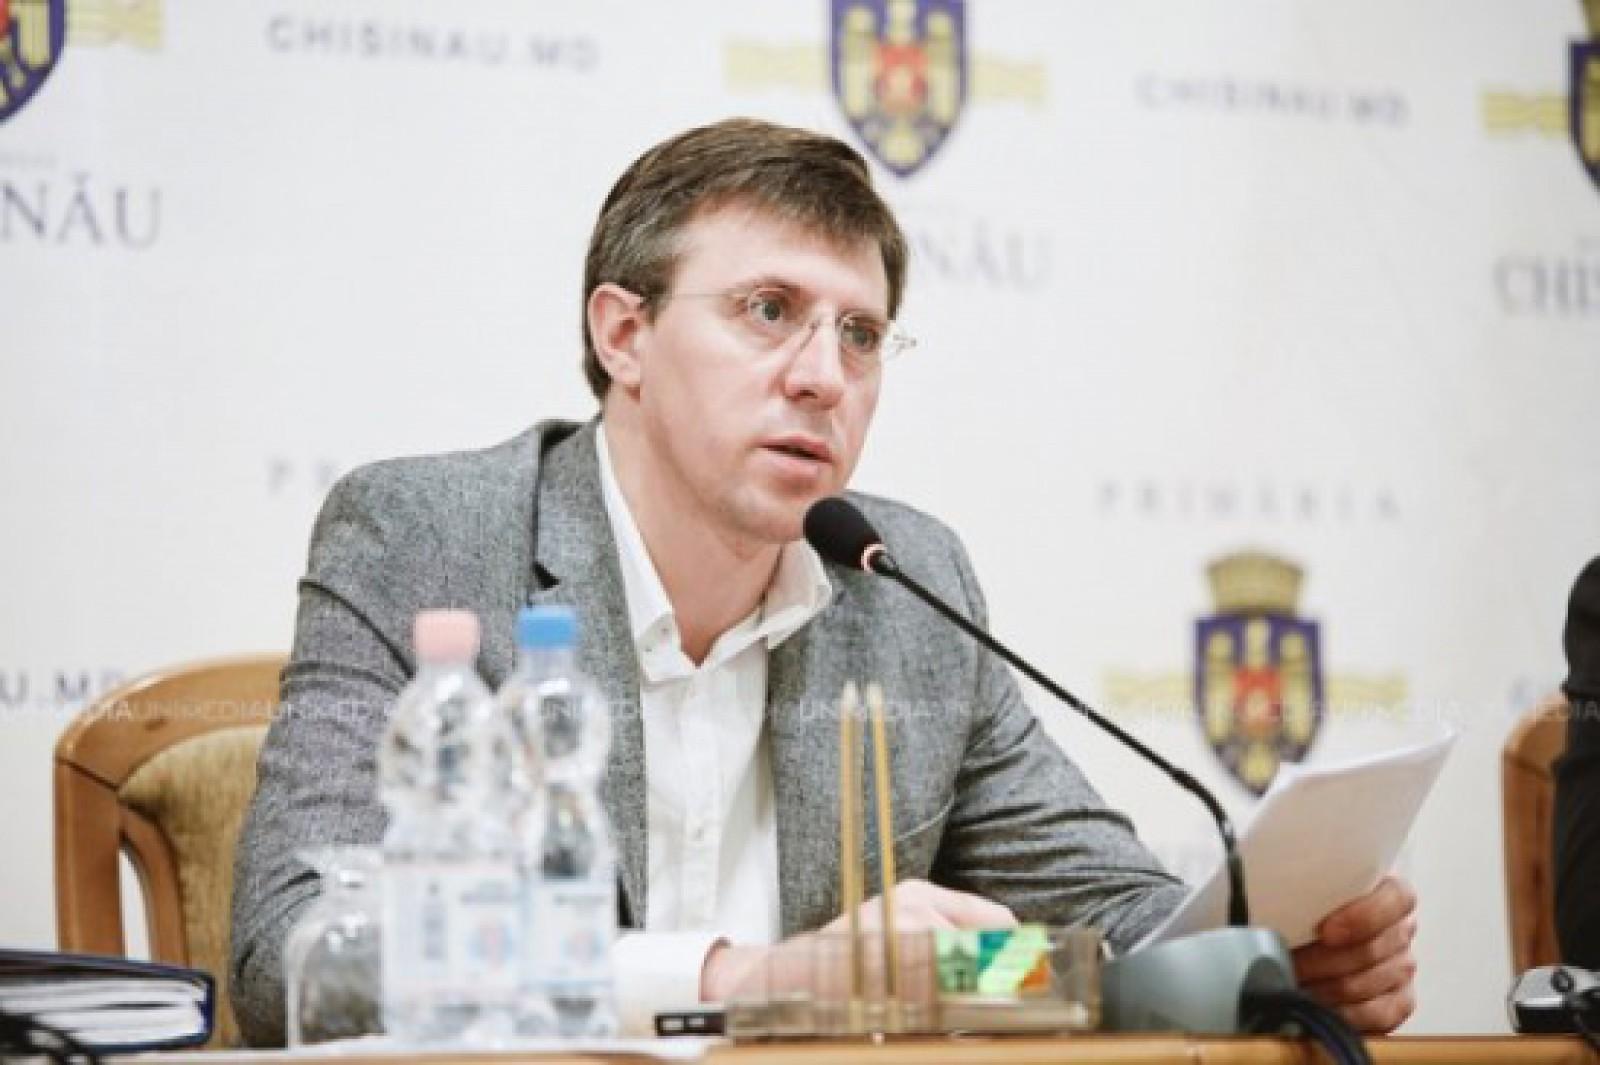 """(video) Dorin Chirtoacă își dorește să participe la funeraliile Regelui Mihai: """"Este o datorie omenească a mea, există o legătură personală"""""""